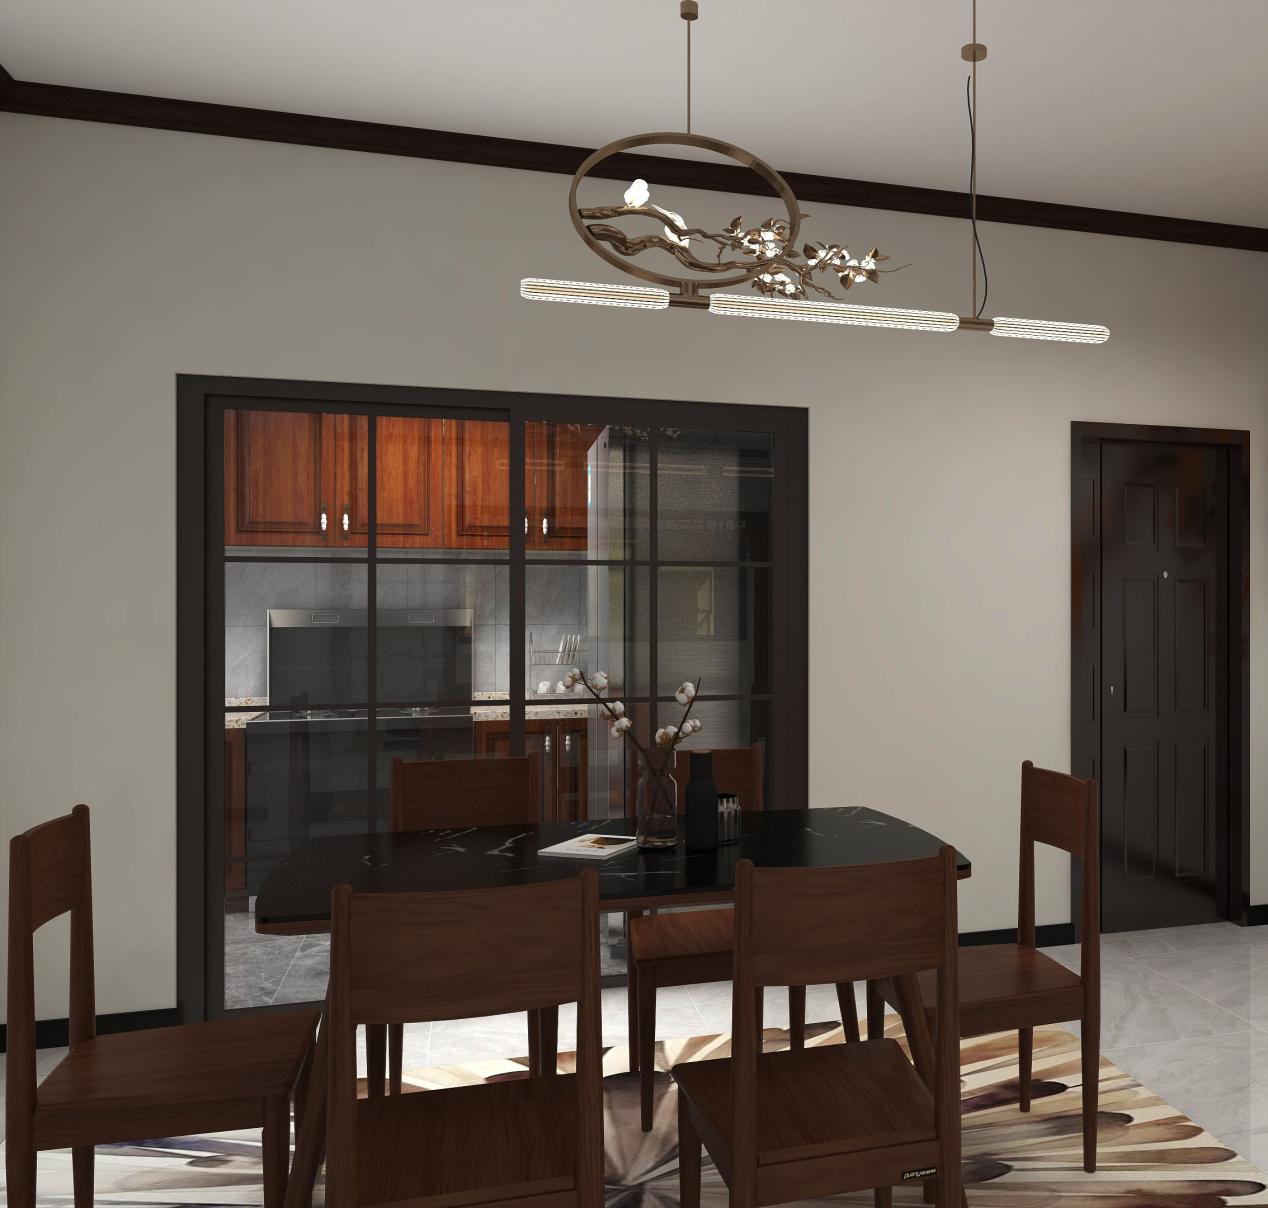 家里灯光该怎么布置?全友建议从这几个方面考虑